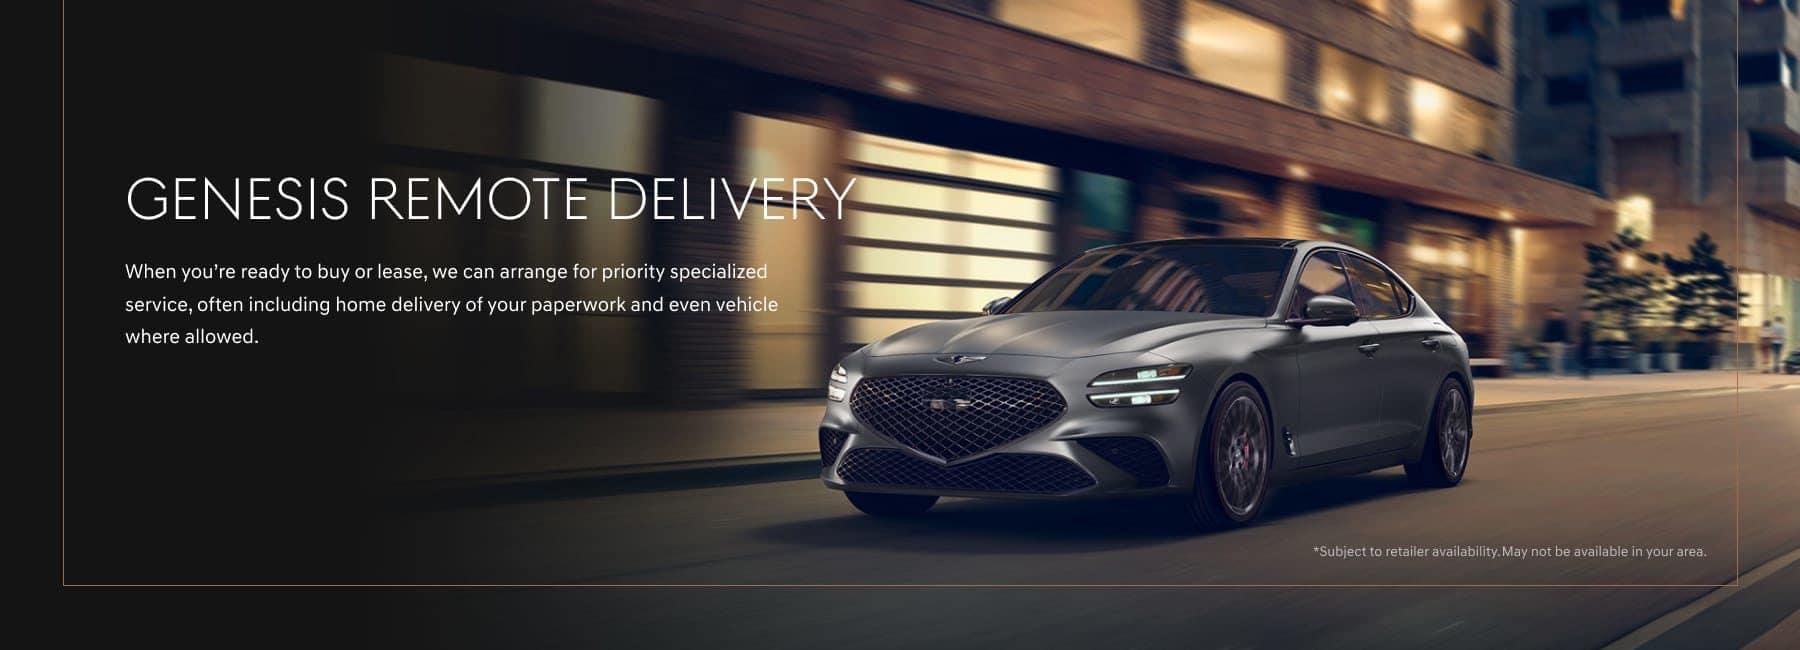 genesis-remote-delivery_1800x650